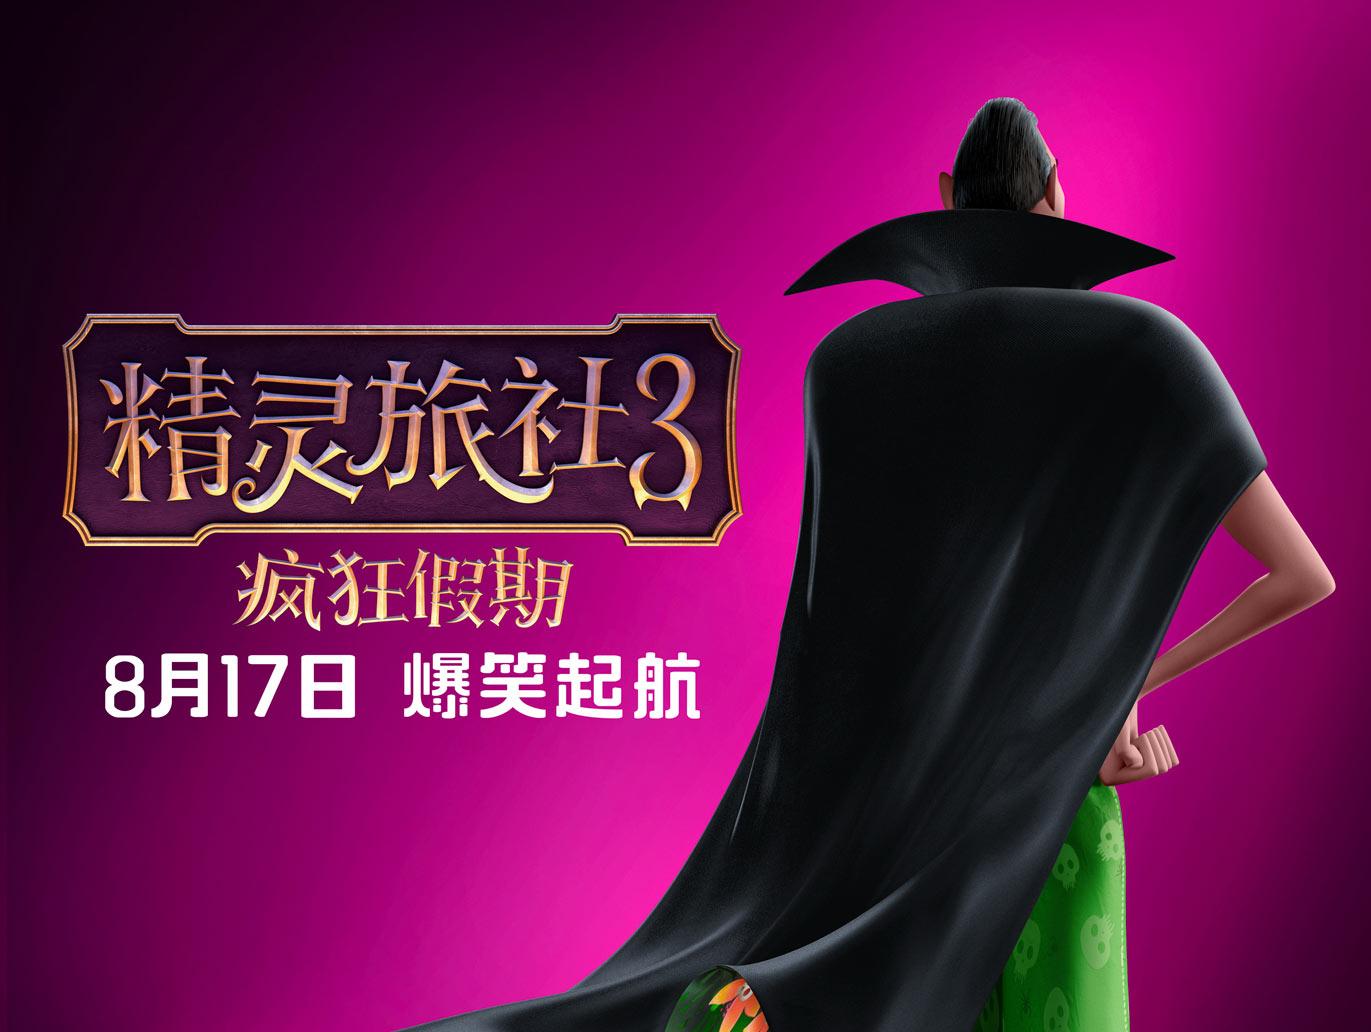 《精灵旅社3:疯狂假期》内地定档8月17日